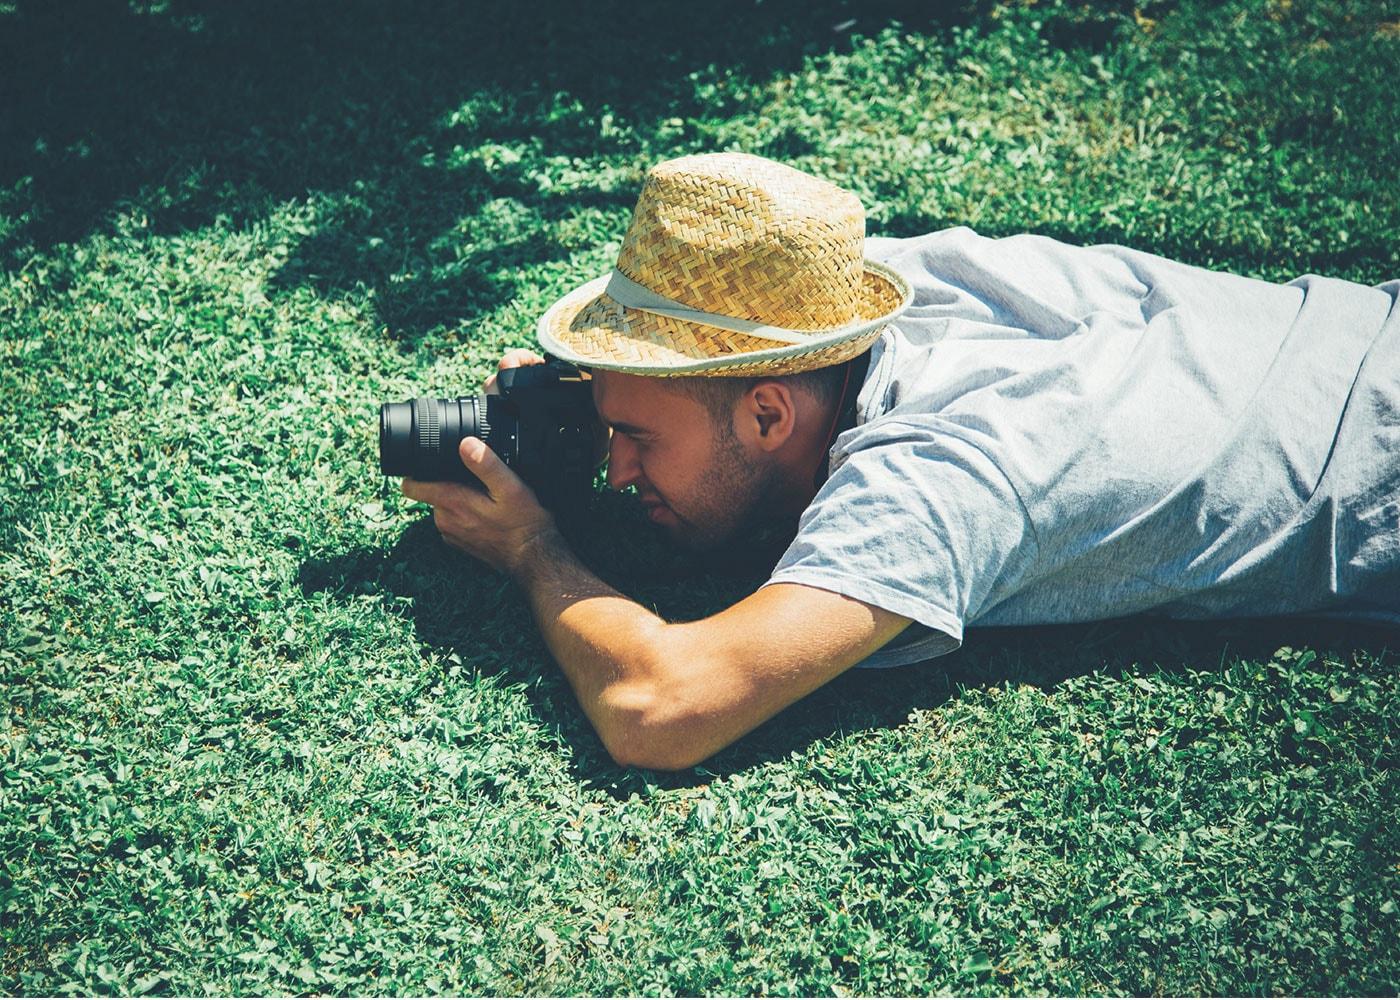 Bei der Portraitfotografie an den Standpunkt denken